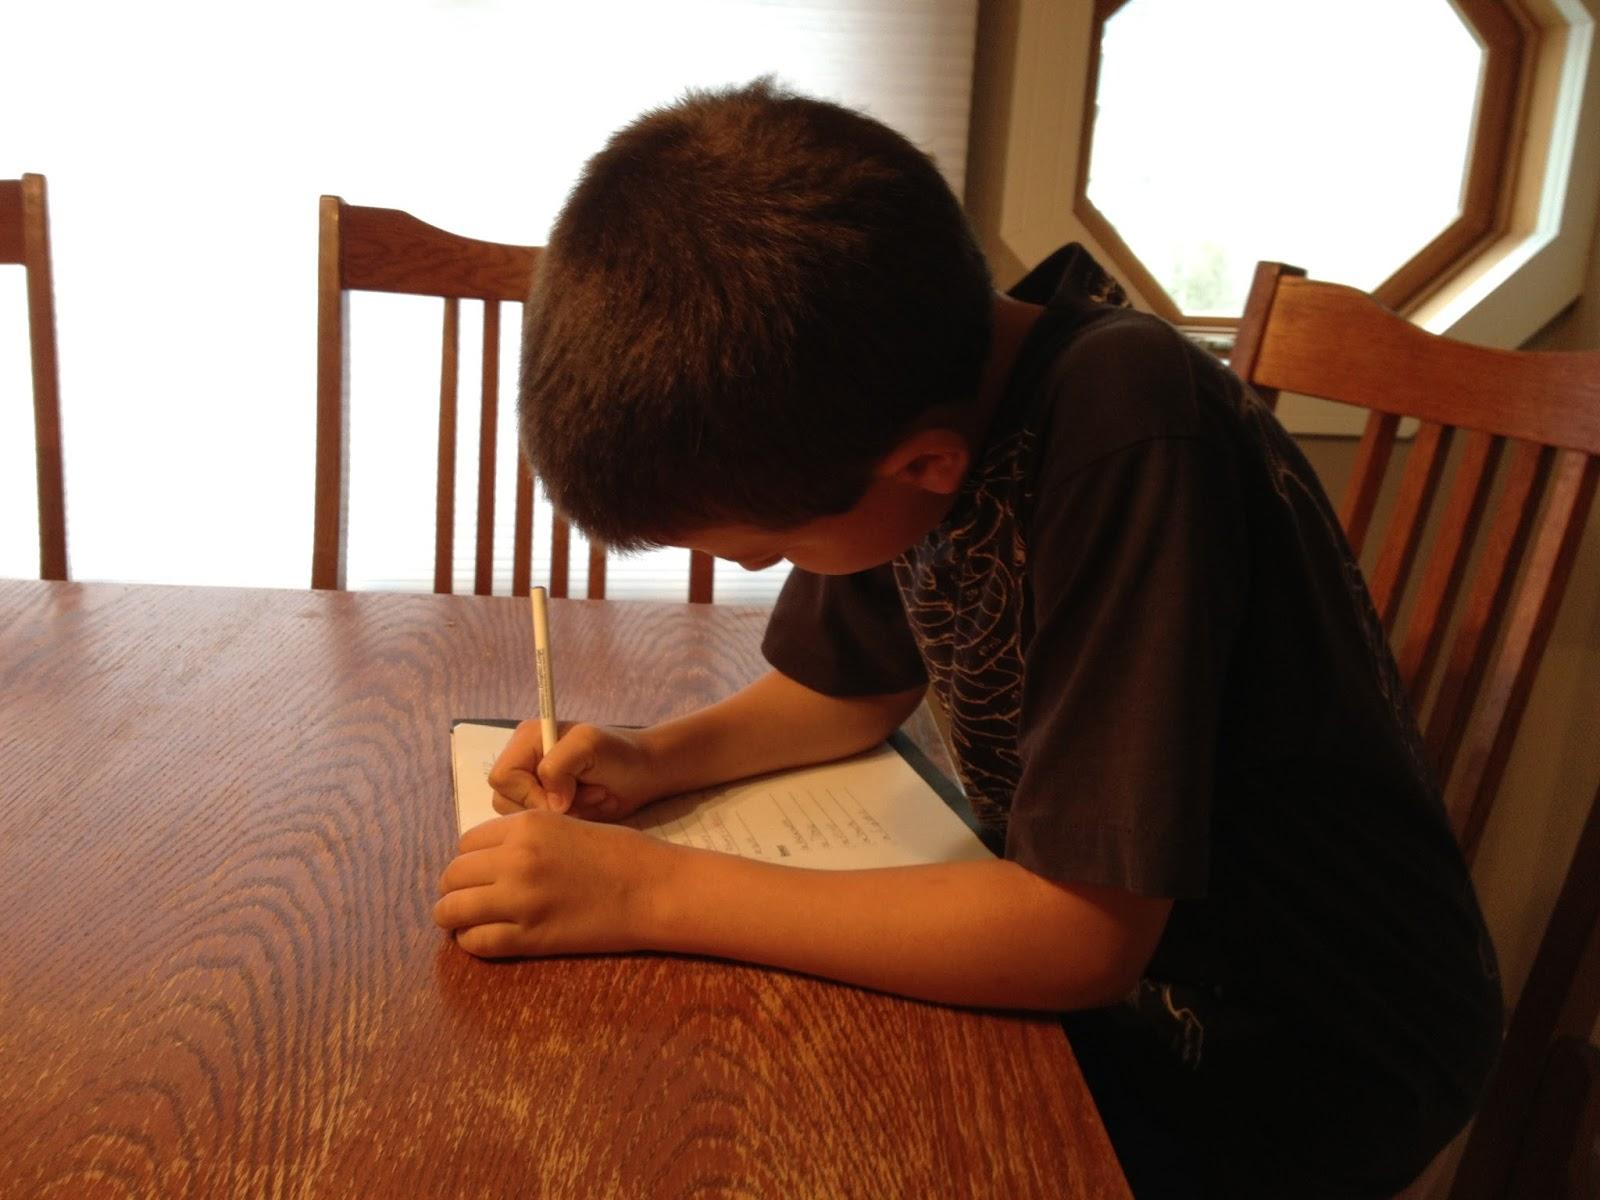 BigFamiliesBigIdeas: Is Your Homework Done?